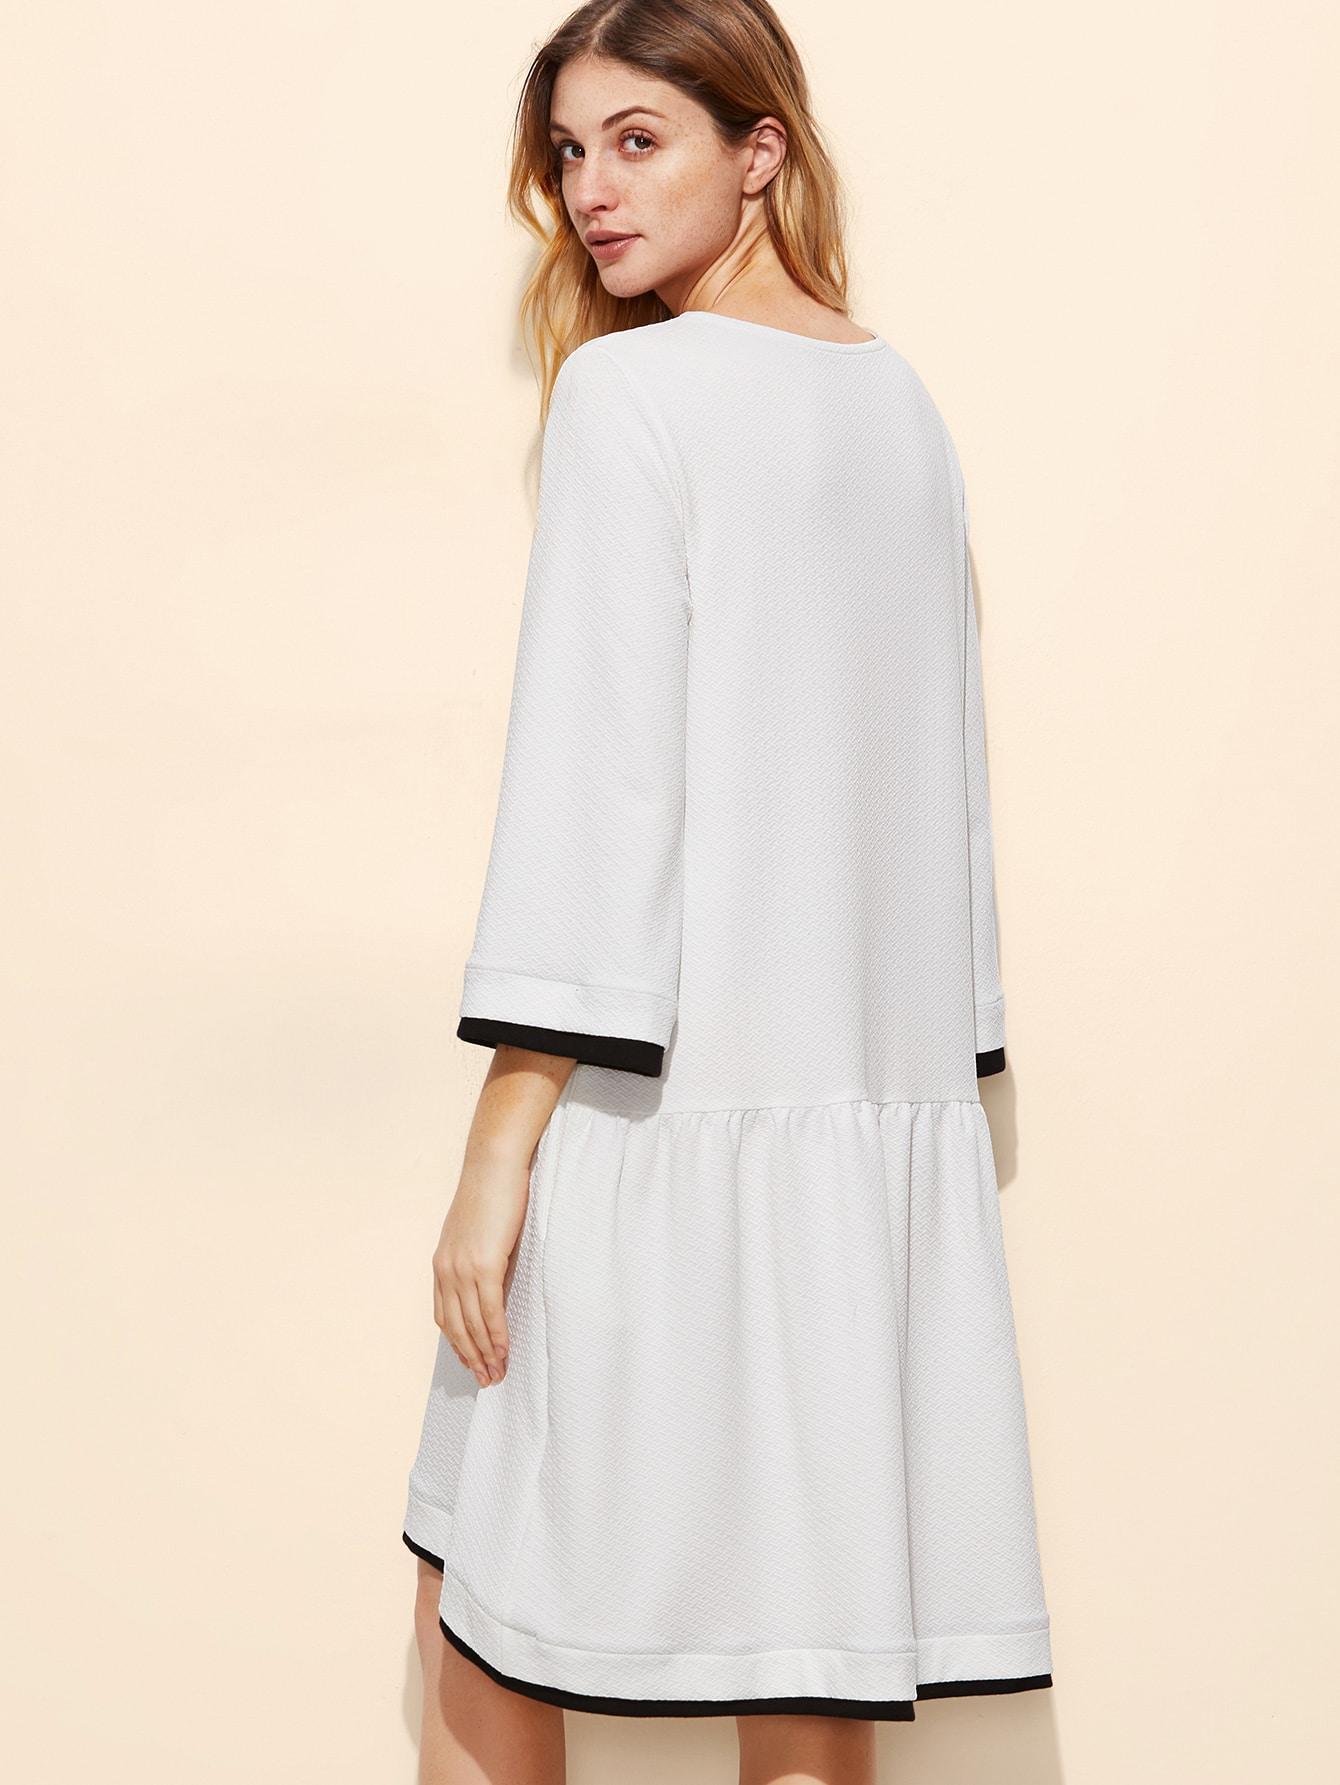 dress161026703_2